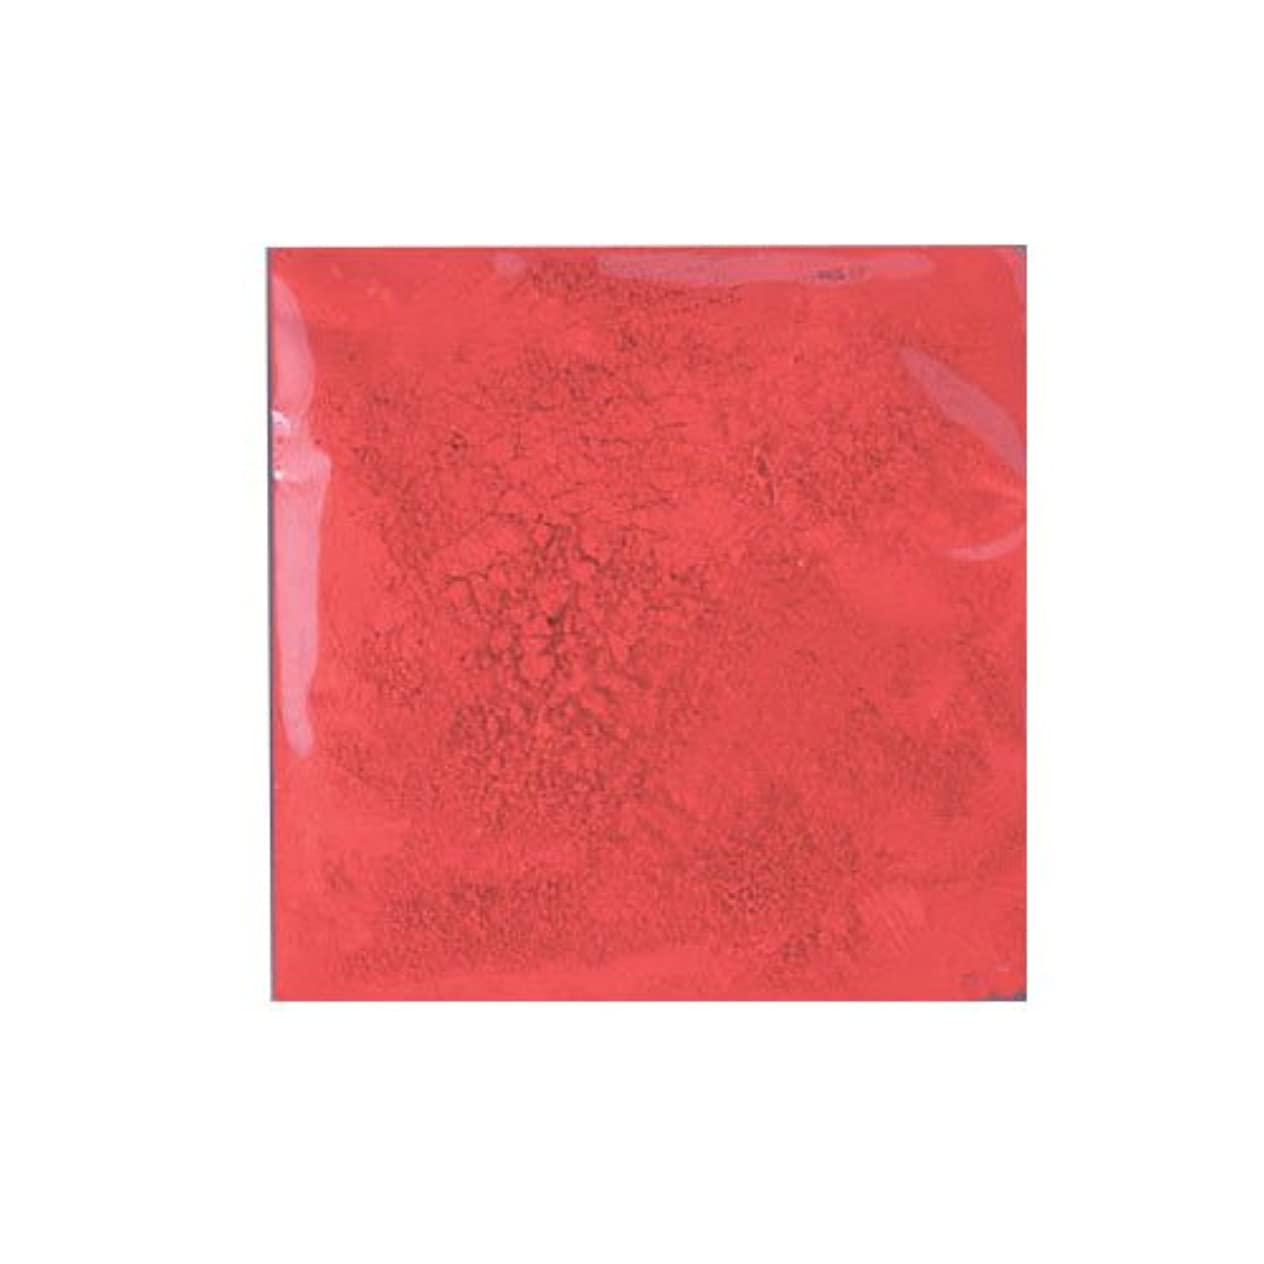 肉の変化胚ピカエース ネイル用パウダー ピカエース カラーパウダー 着色顔料 #731 ファイヤーレッド 2g アート材